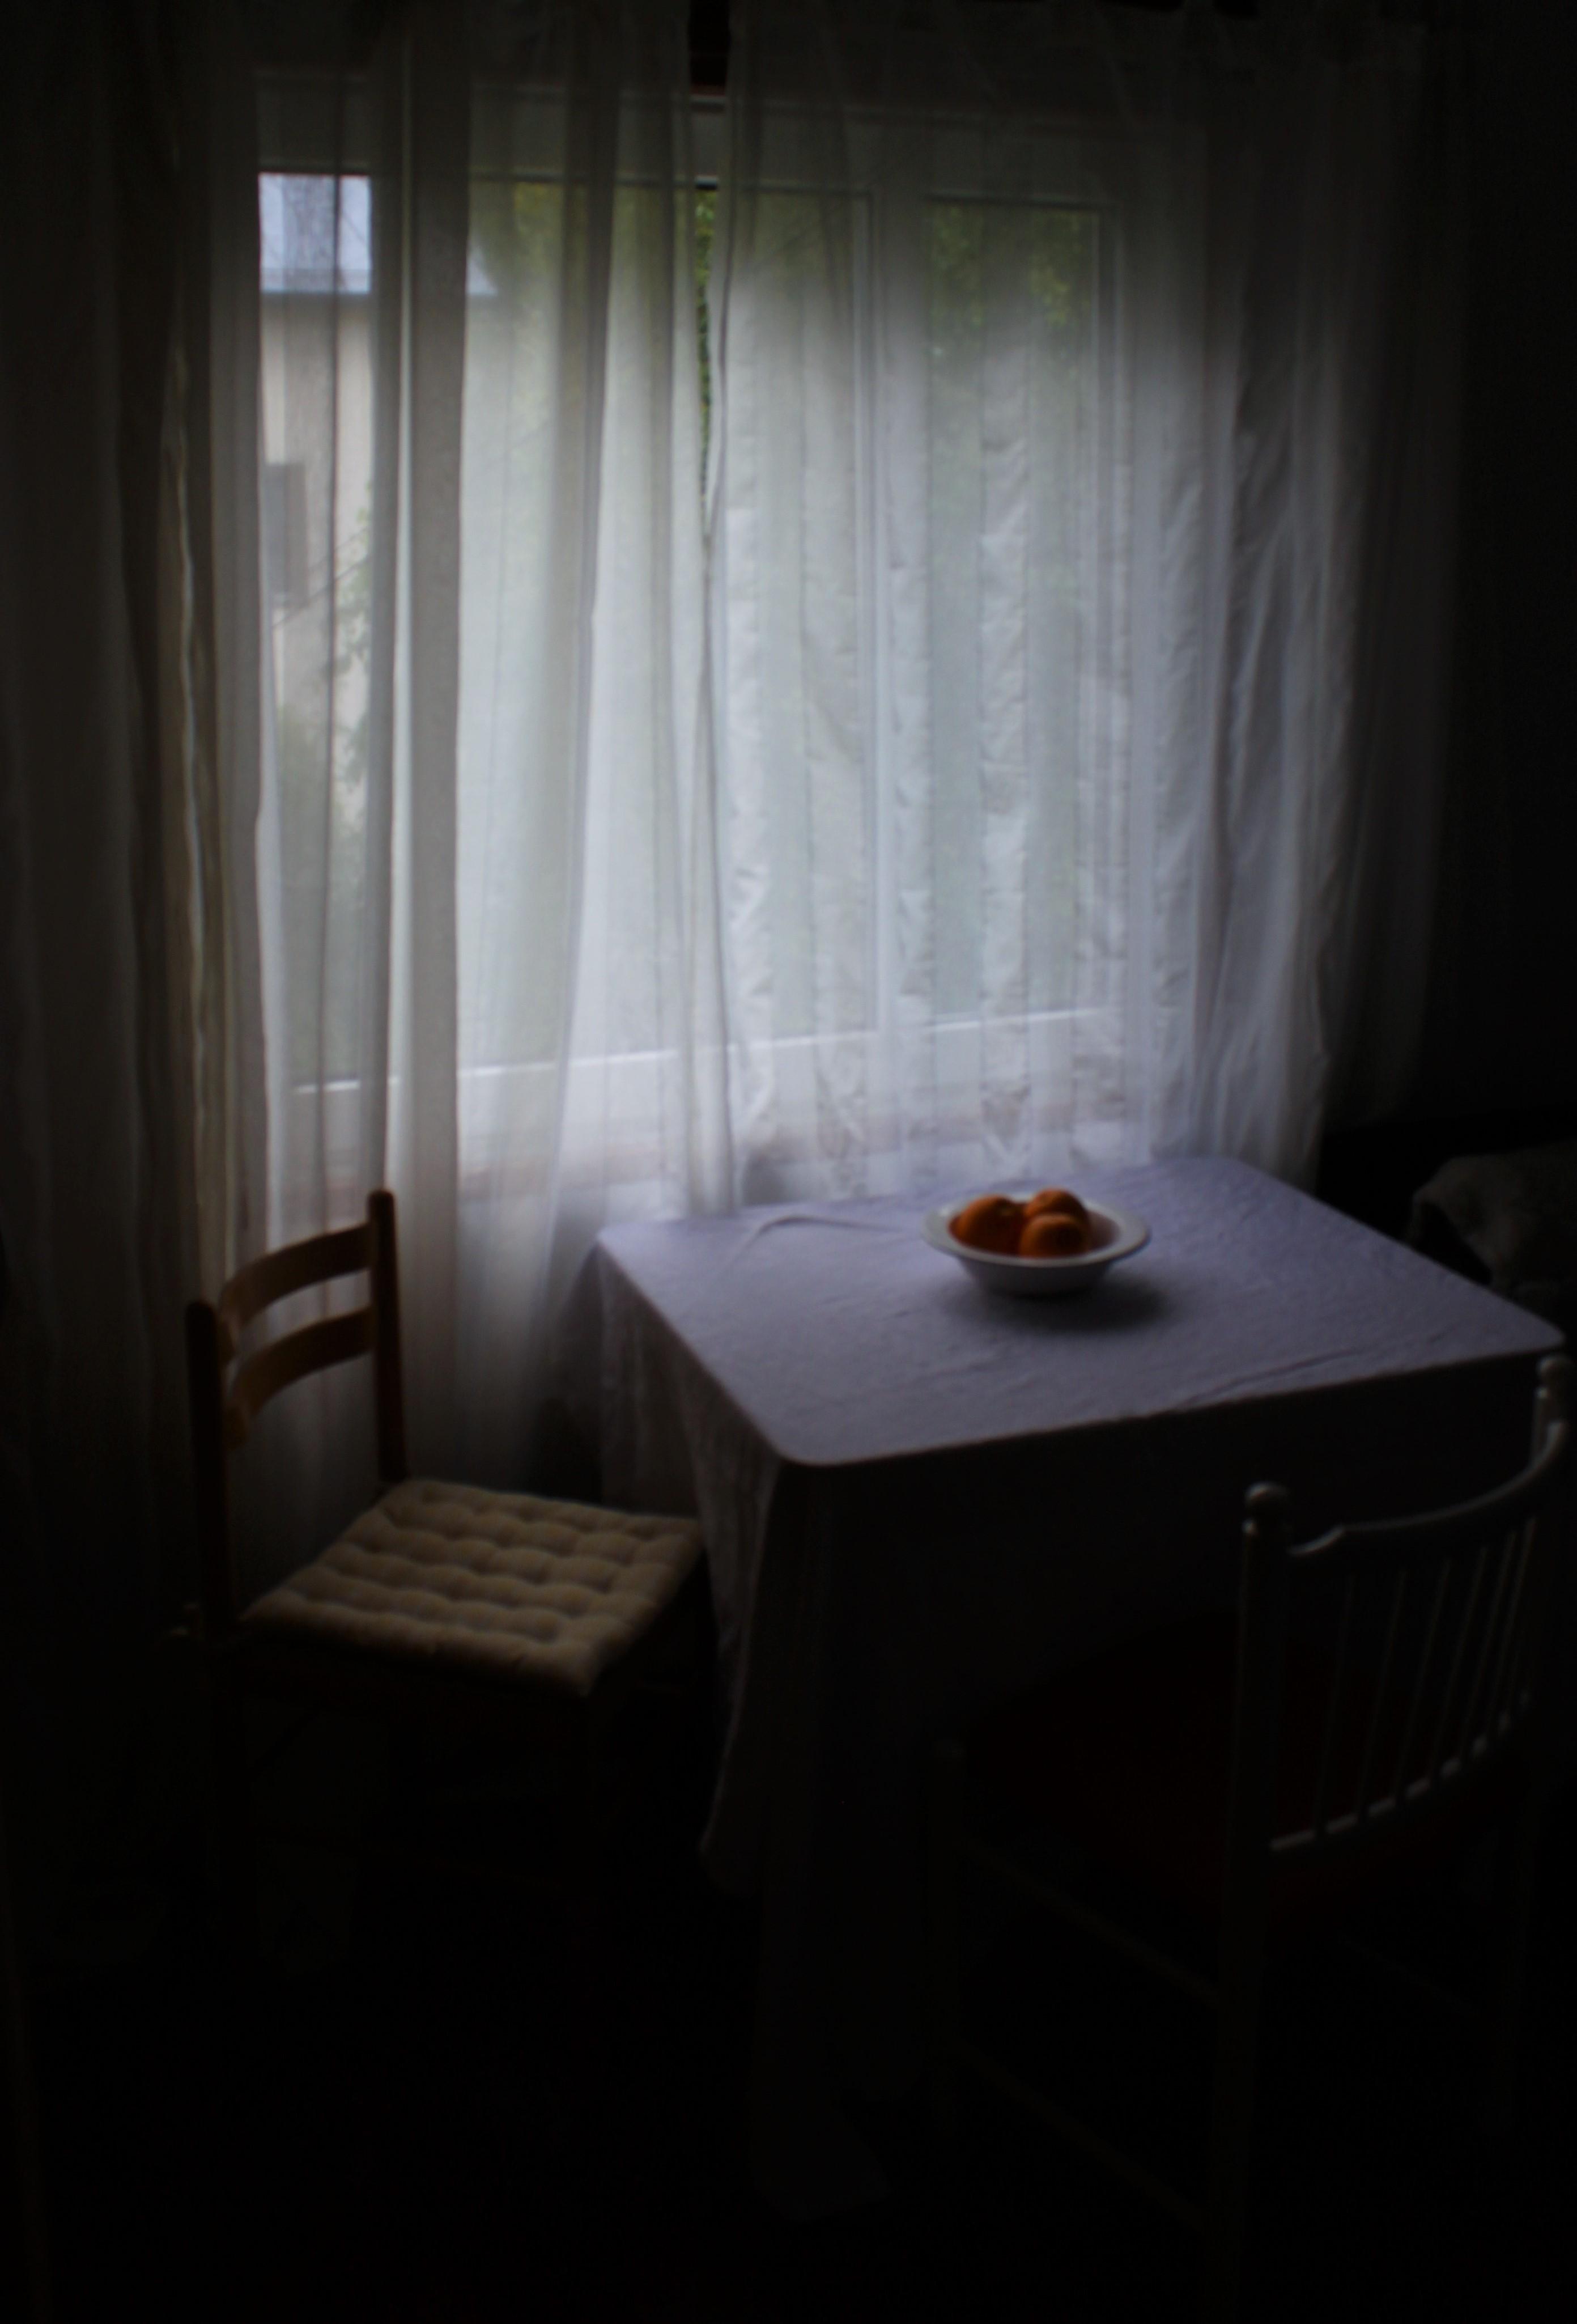 7 miljardia äärettömyyttä, Aada Järvinen, pimeä huone, valo verhojen läpi.JPG